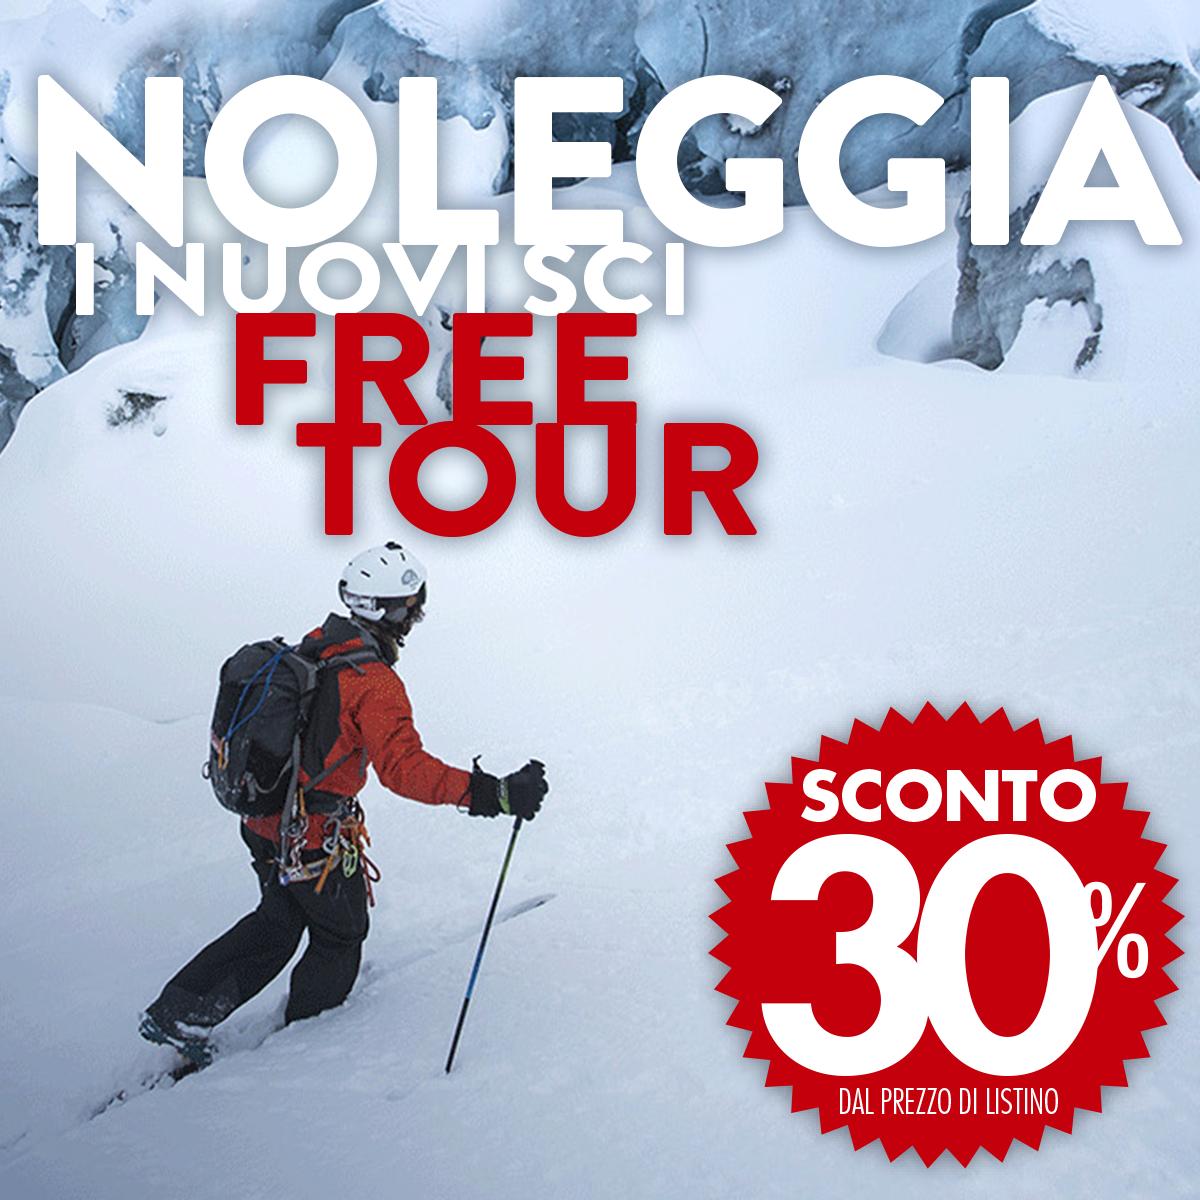 Noleggia da Bottero Ski i nuovi sci free tour!